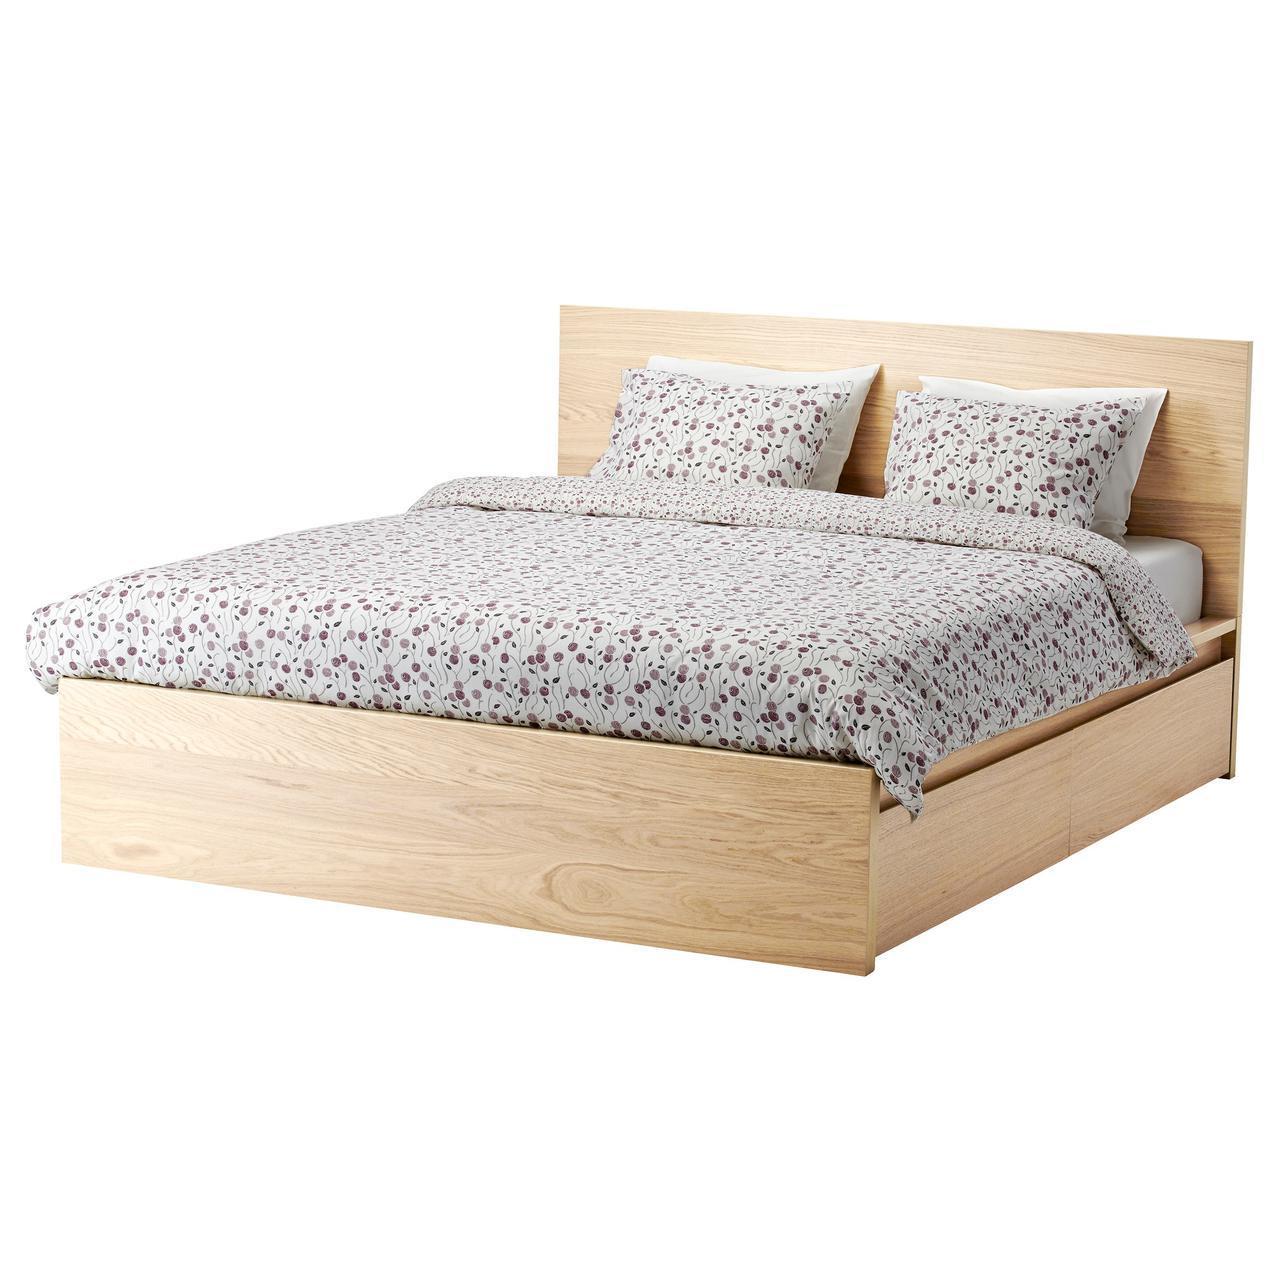 ✅ IKEA MALM (890.226.78) Кровать, высокий, 4 контейнера, шпон, окрашенный в белый цвет